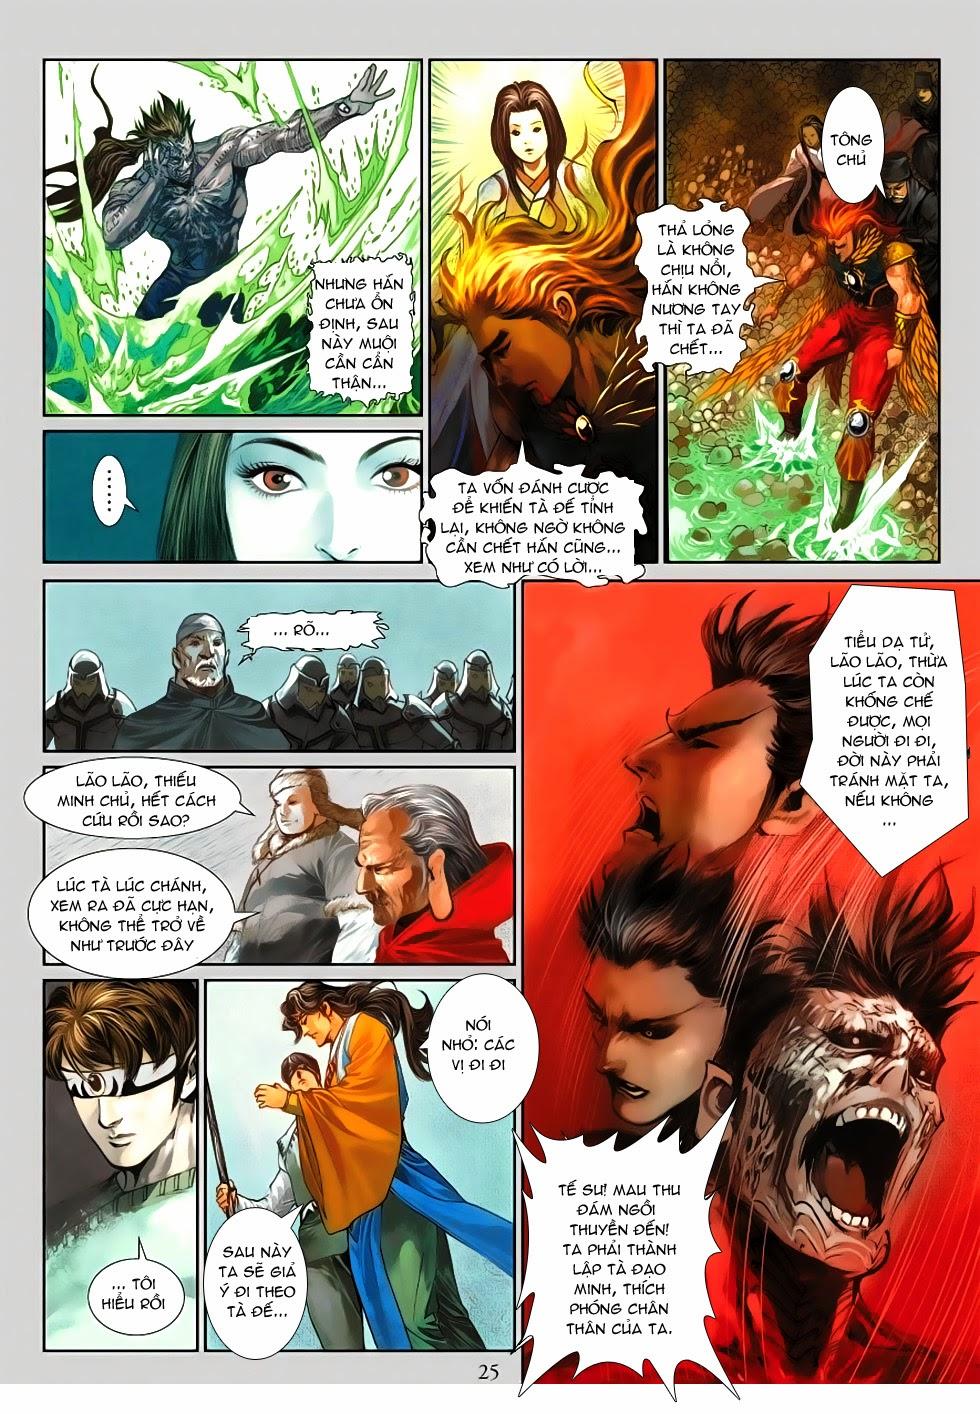 a3manga.com-huyen-thien-ta-de-chap-13